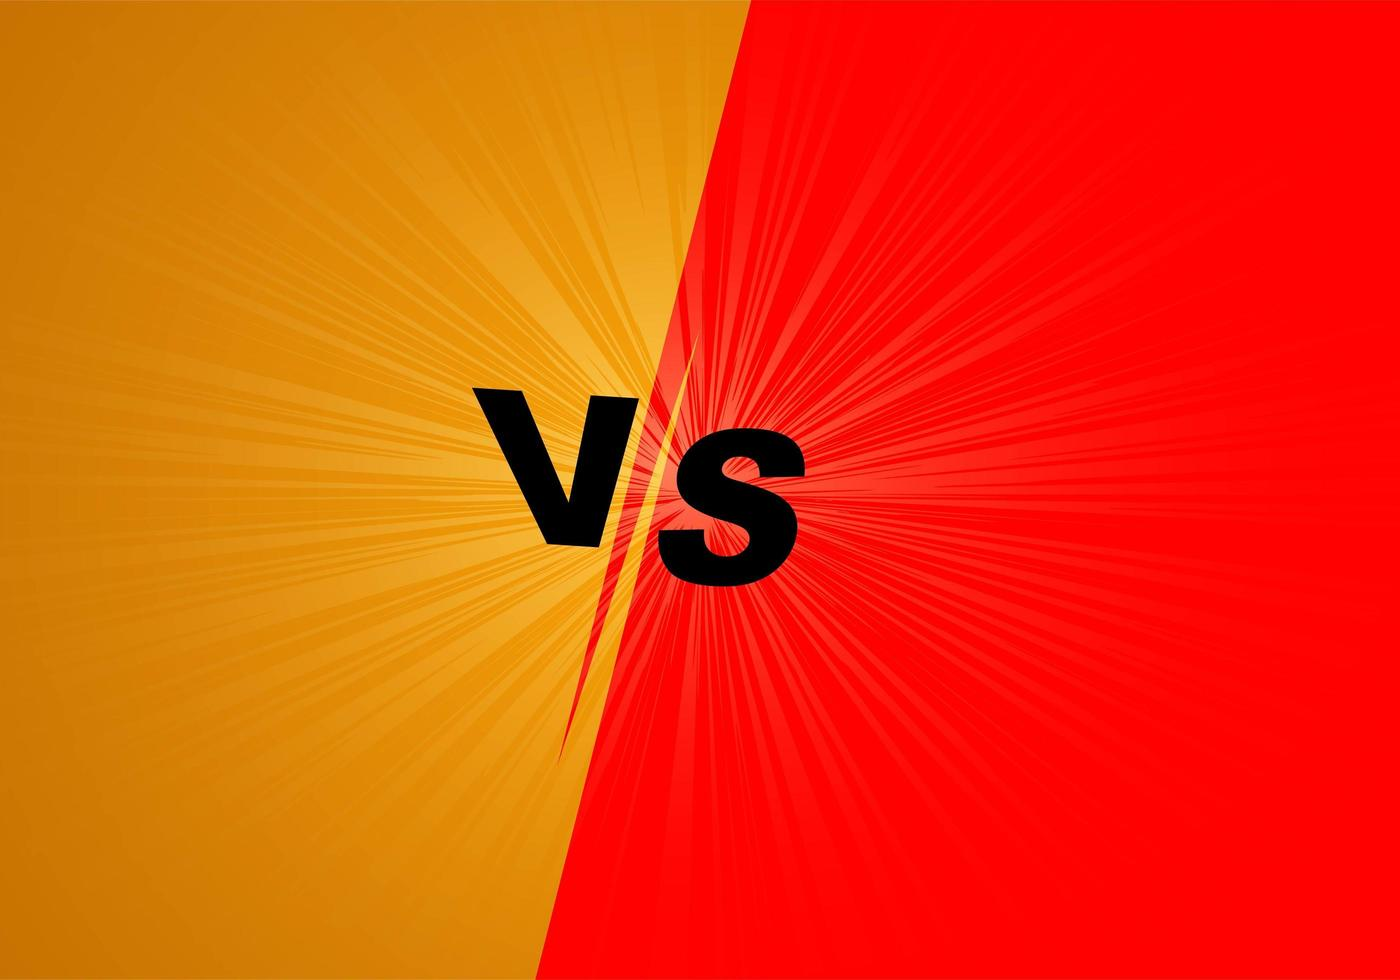 versus '' vs '' gelbe und rote Lichtstrahlen Hintergrund vektor